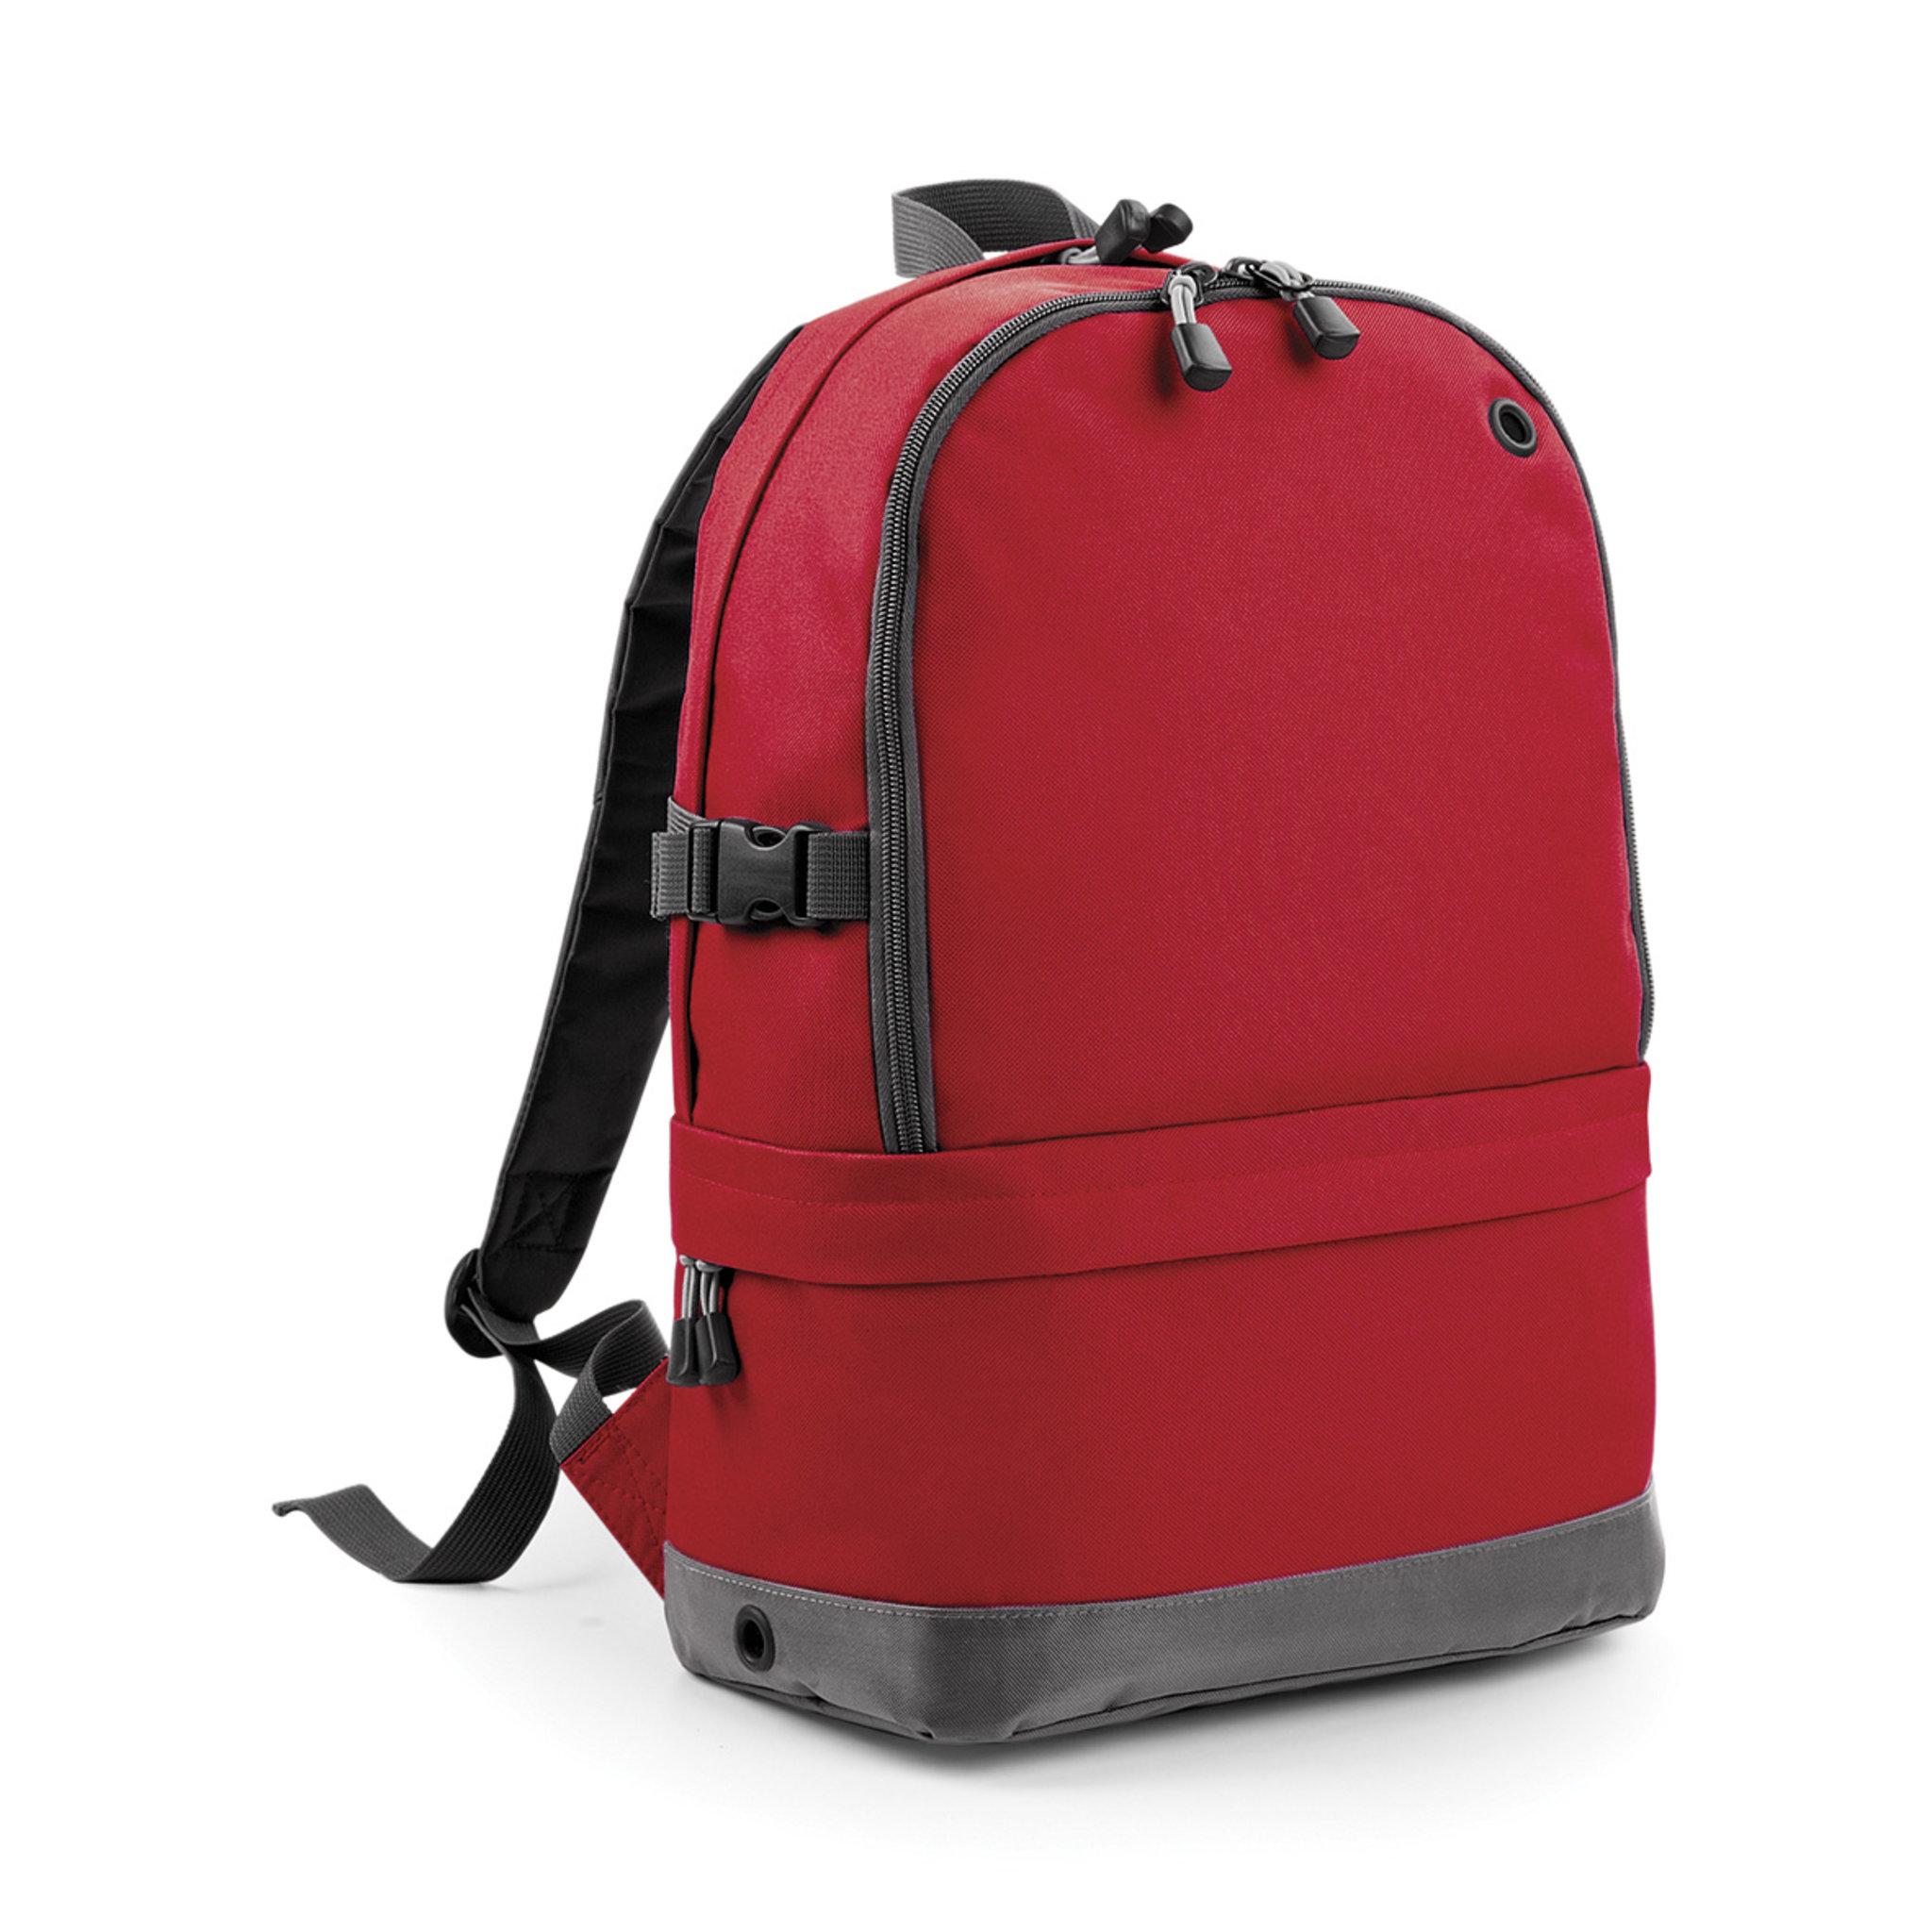 Athleisure Backpack BG550 Bagbase Pro BG550 BagBase qzxSR1